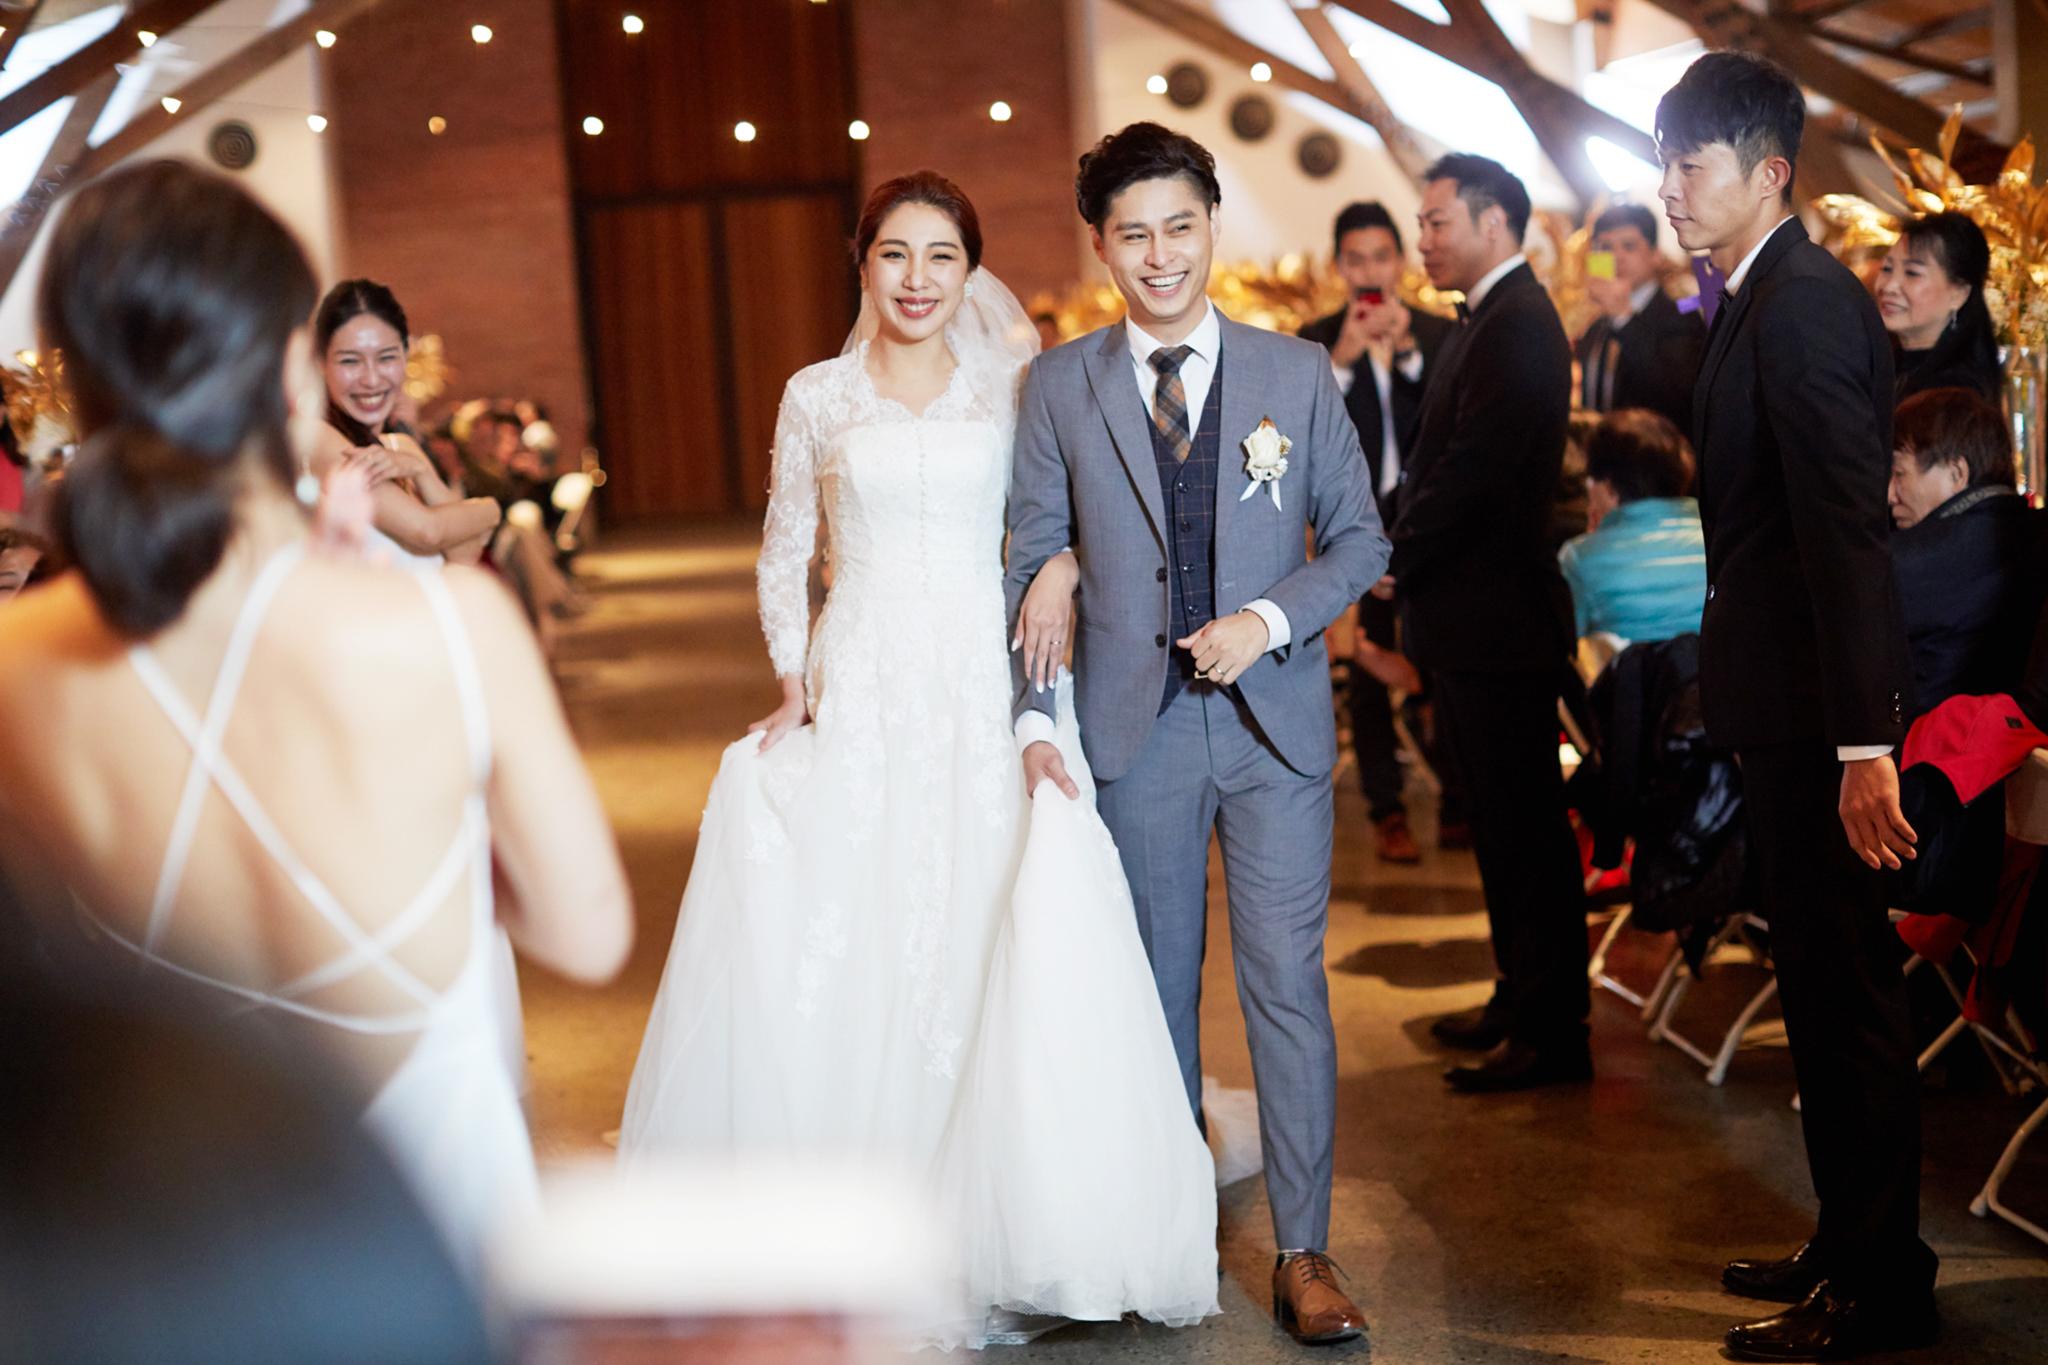 顏牧牧場婚禮, 婚攝推薦,台中婚攝,後院婚禮,戶外婚禮,美式婚禮-95